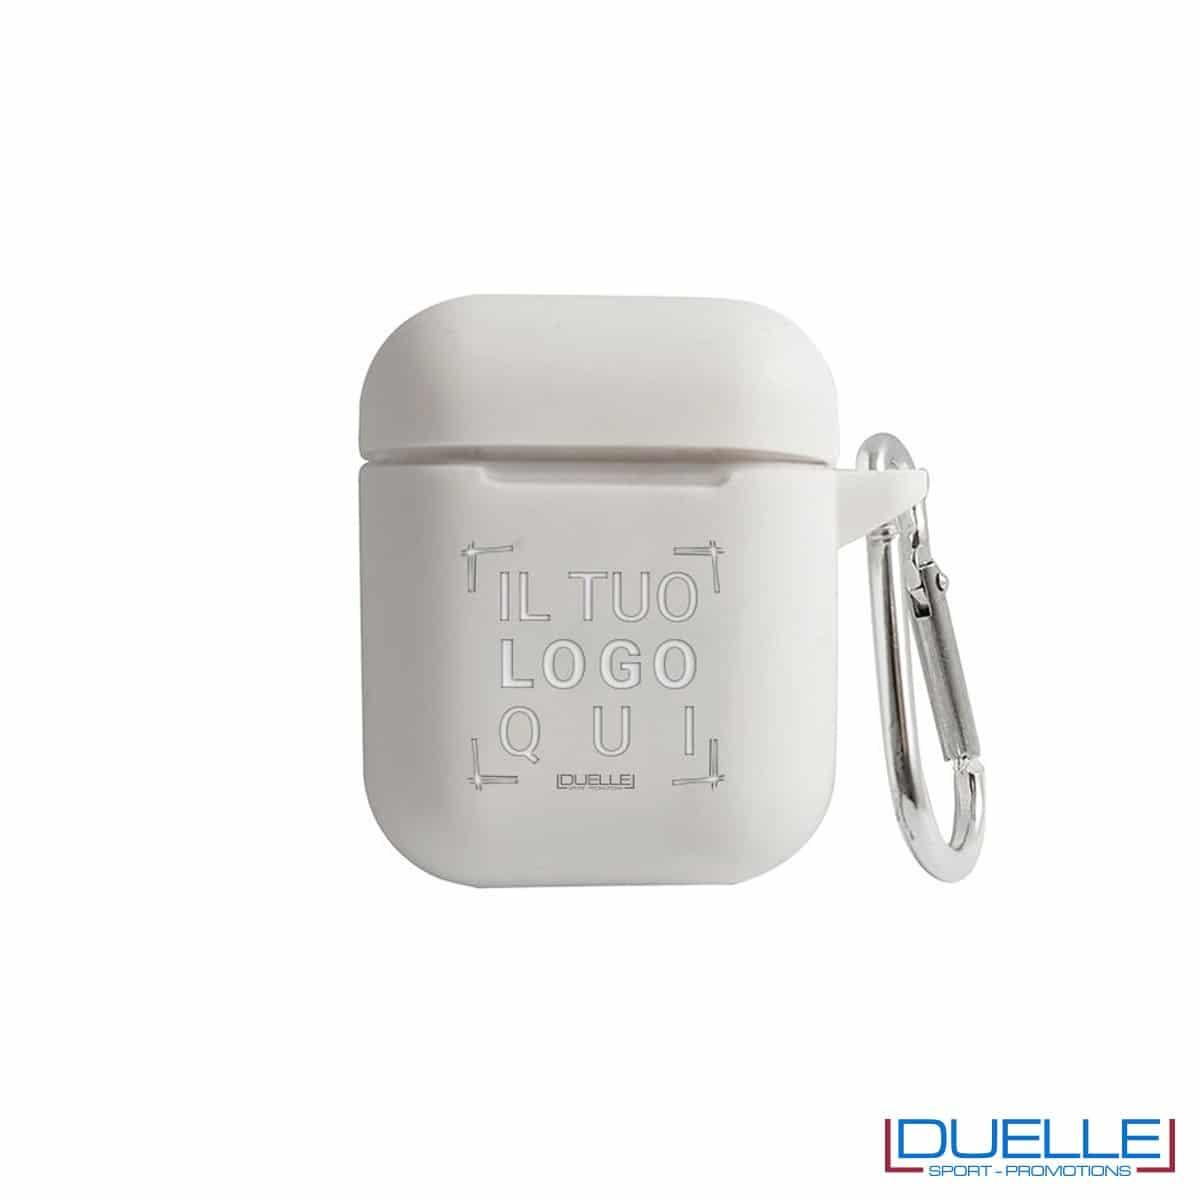 Auricolari personalizzati bluetooth 5.0 Prixton personalizzabili con incisione laser